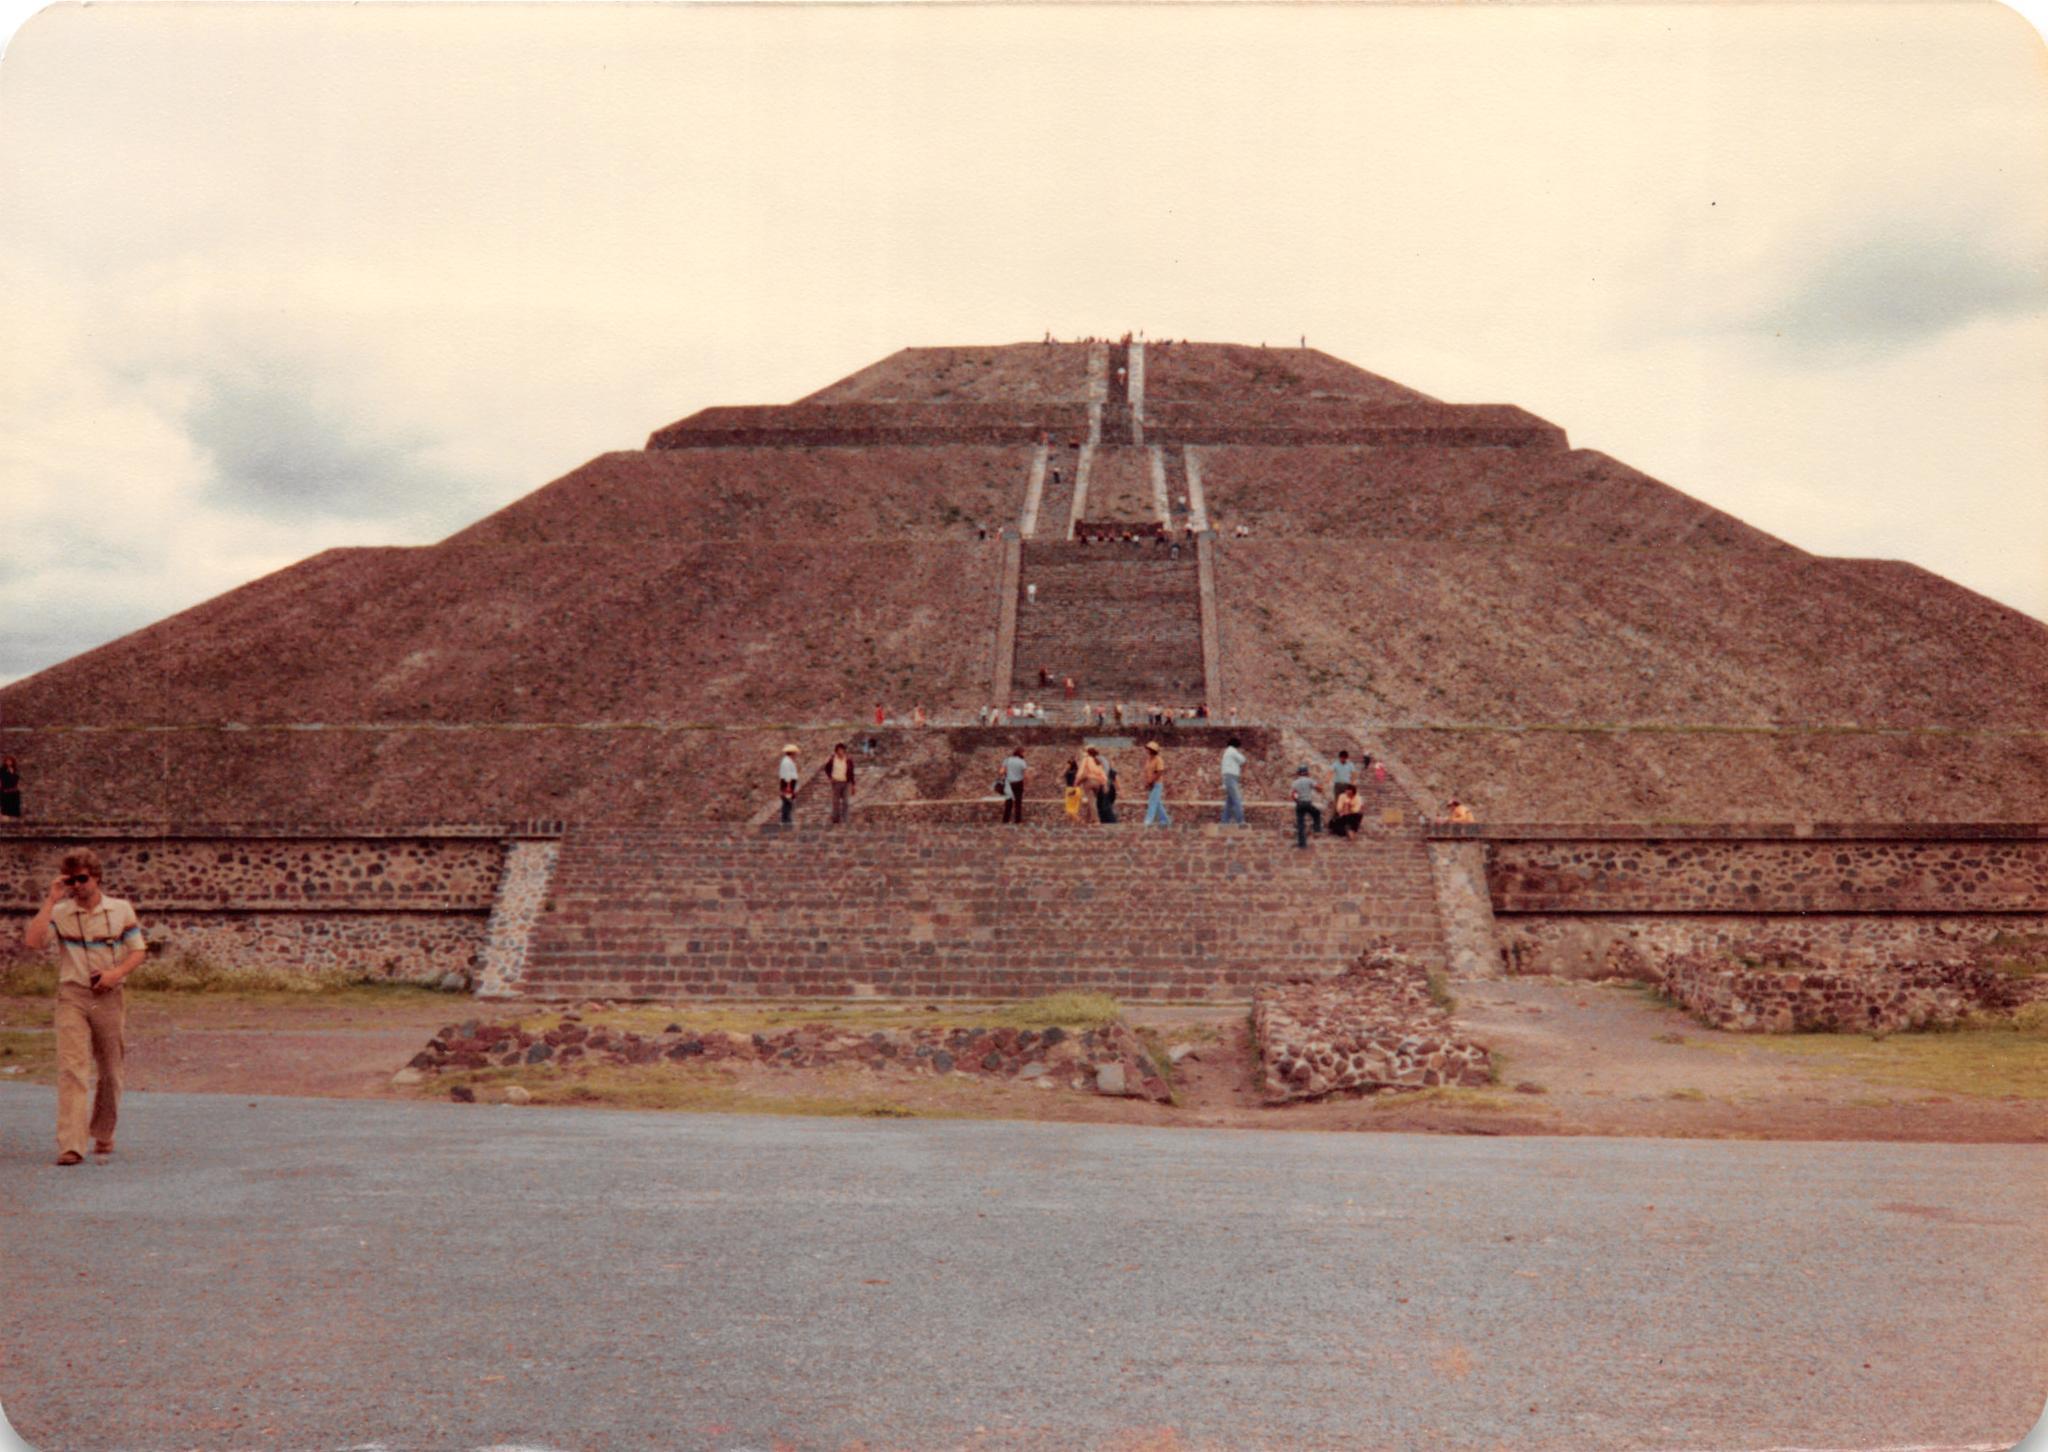 Pyramid by John Schneyer